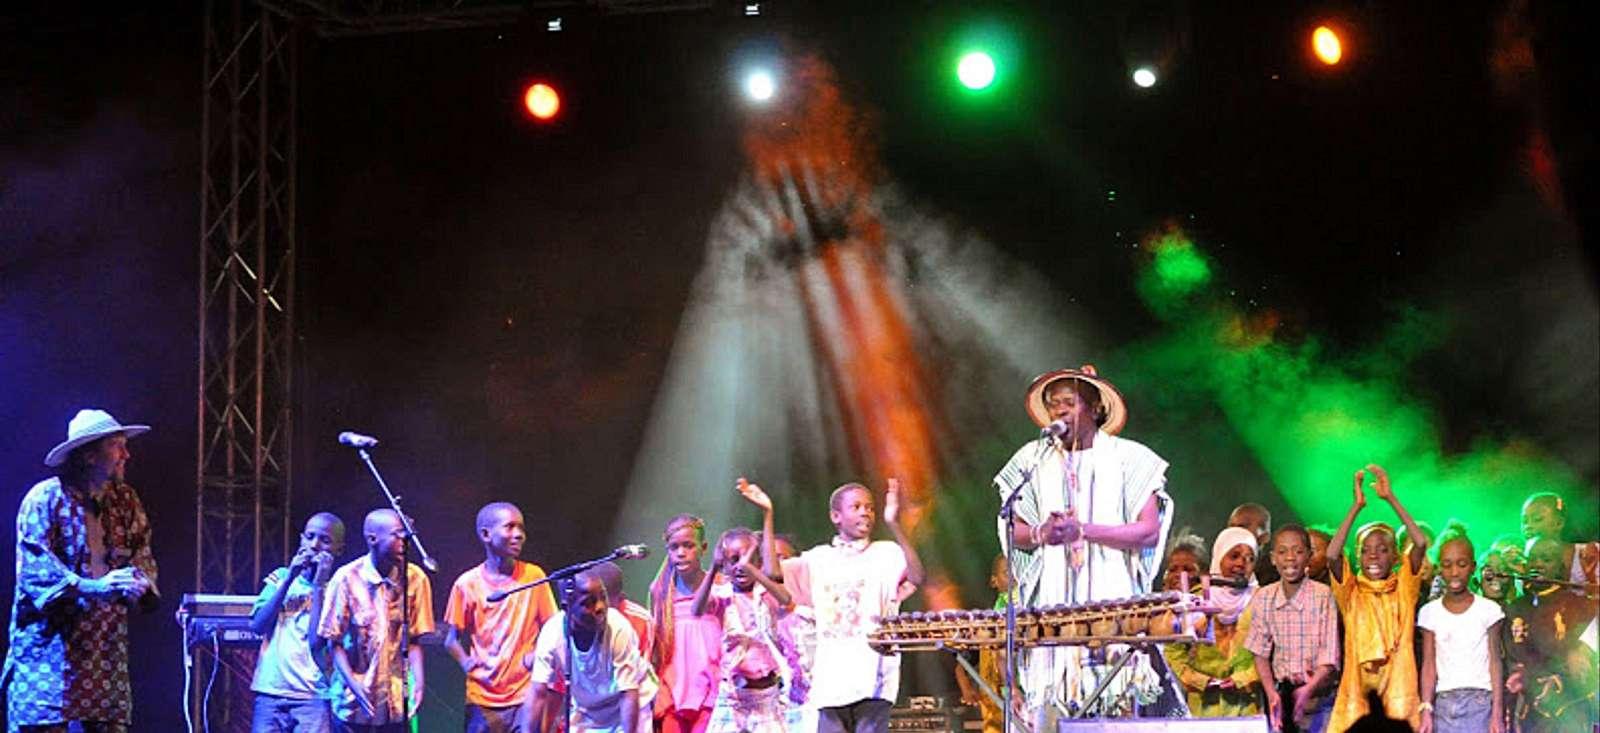 Voyage à pied : Sénégal : Festival à Sahel ouvert solidaire